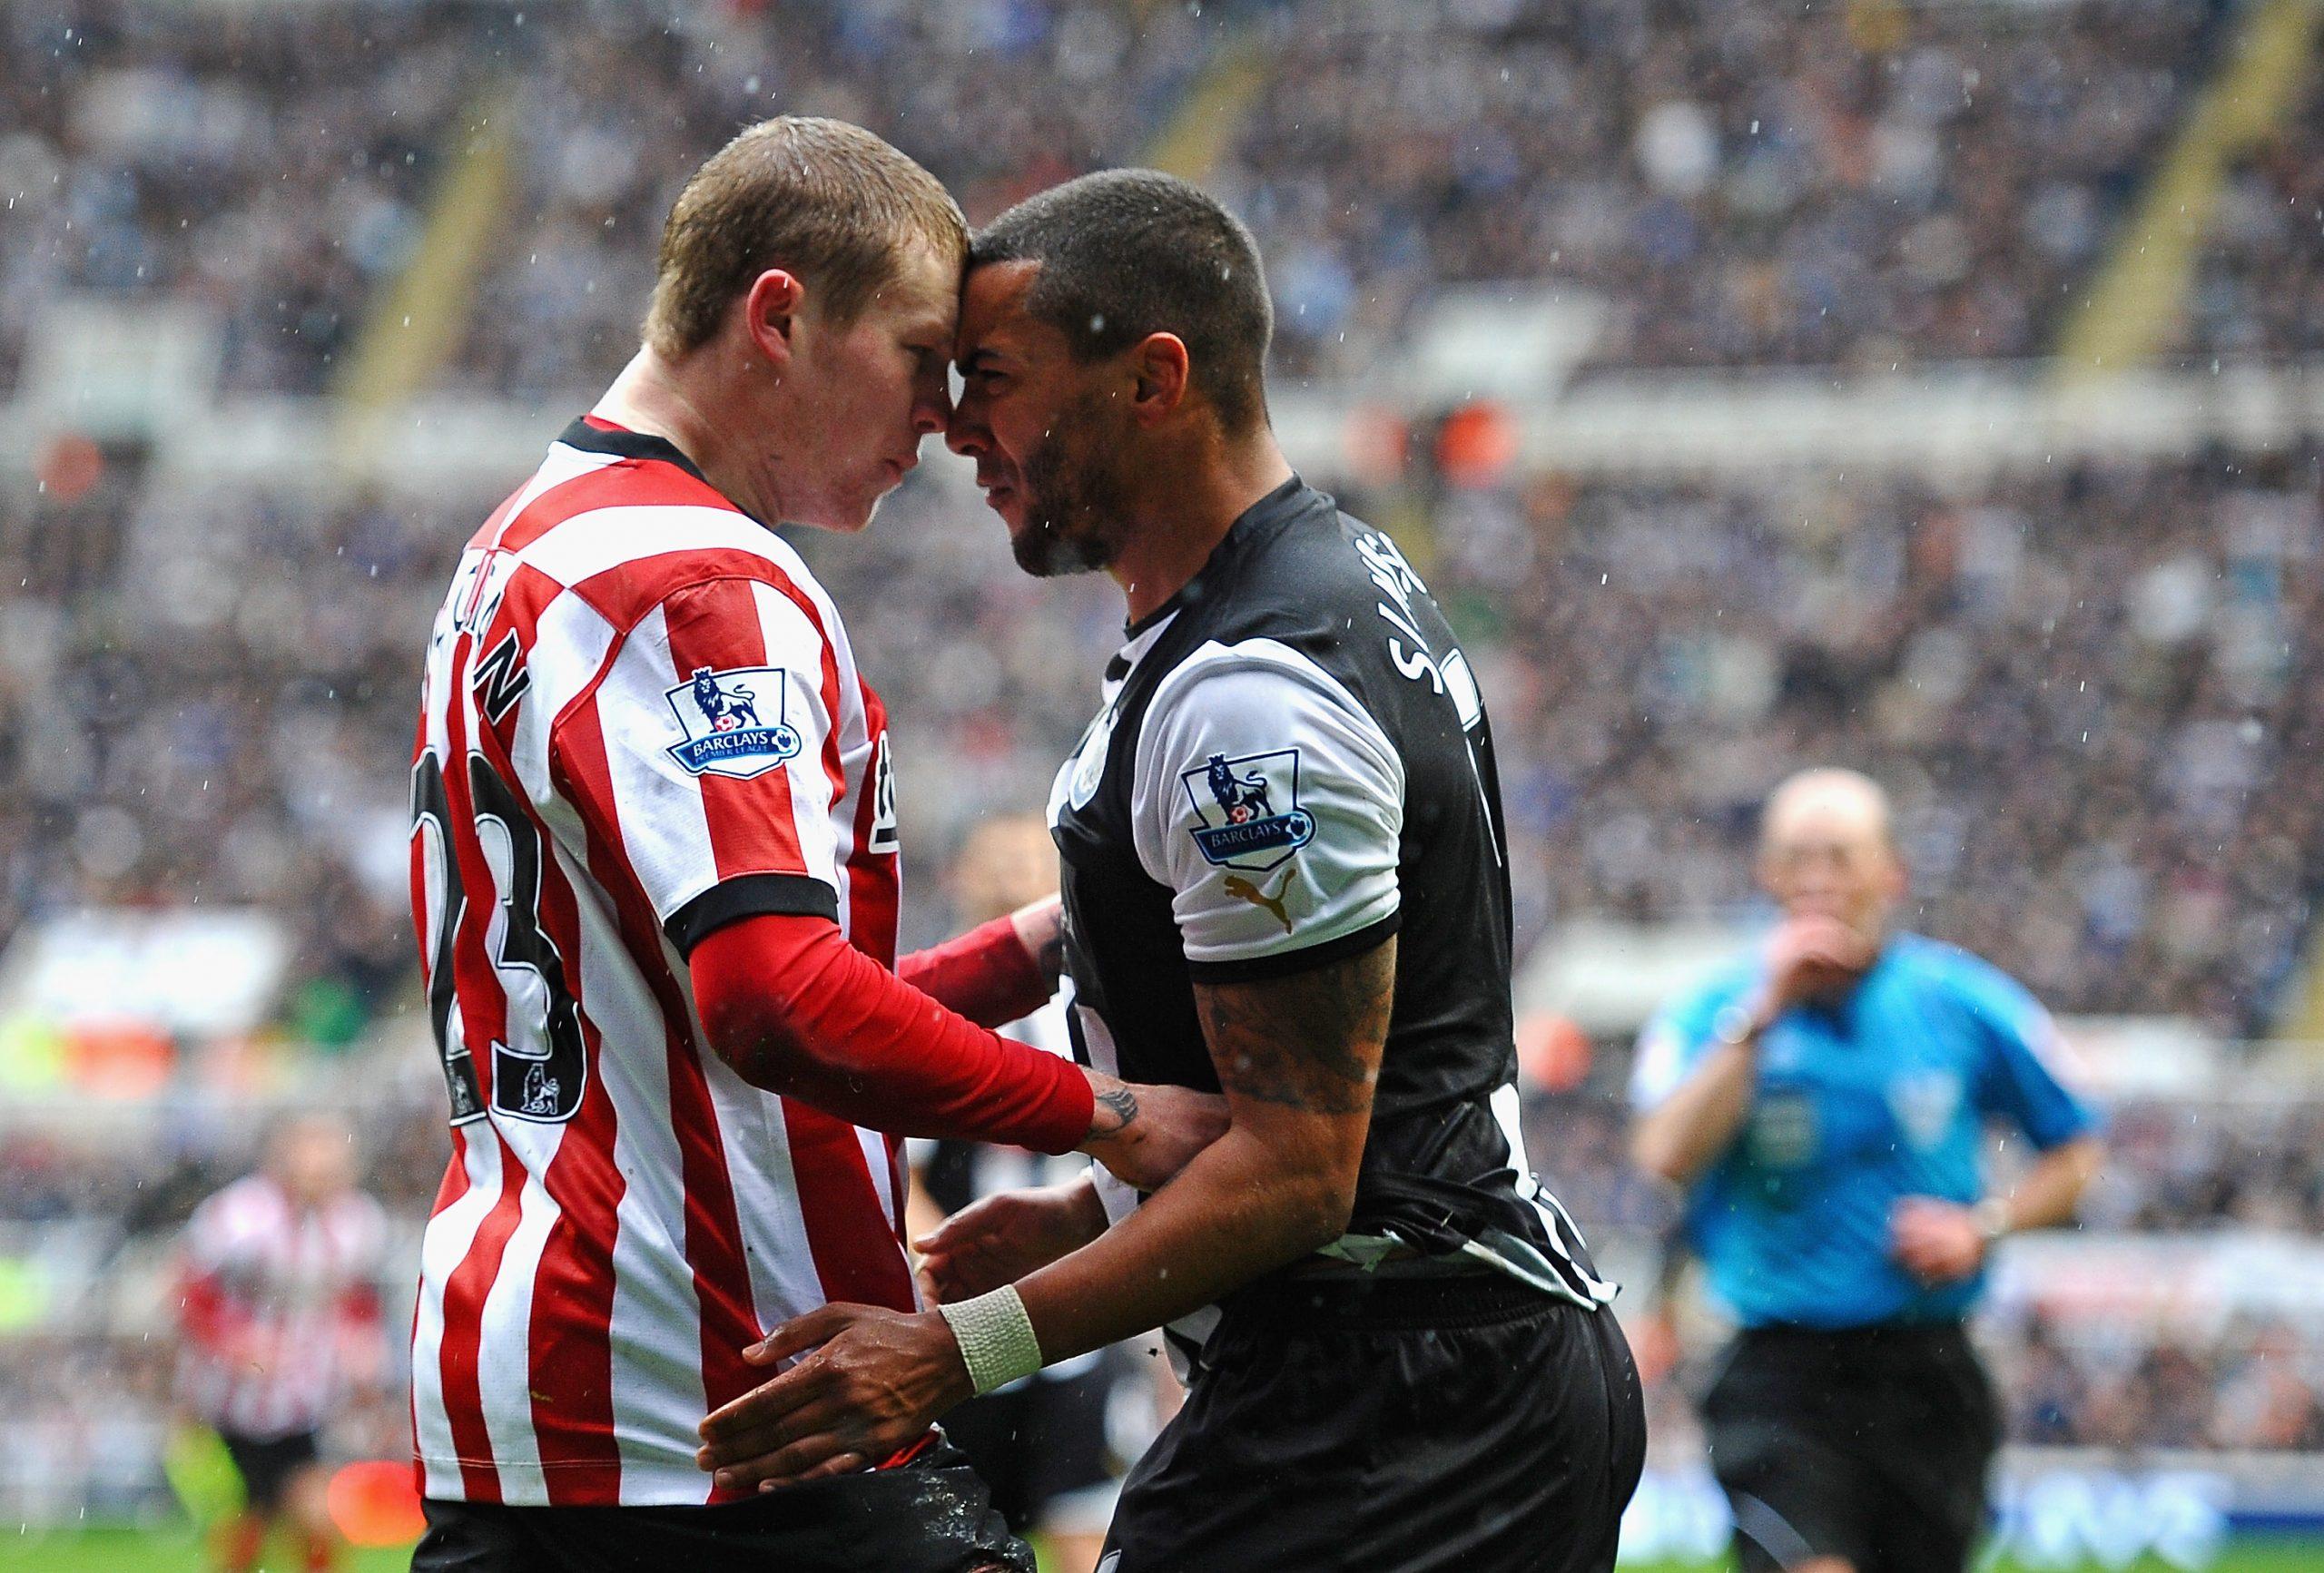 La storia del Tyne-Wear derby tra Sunderland e Newcastle -  passionepremier.com